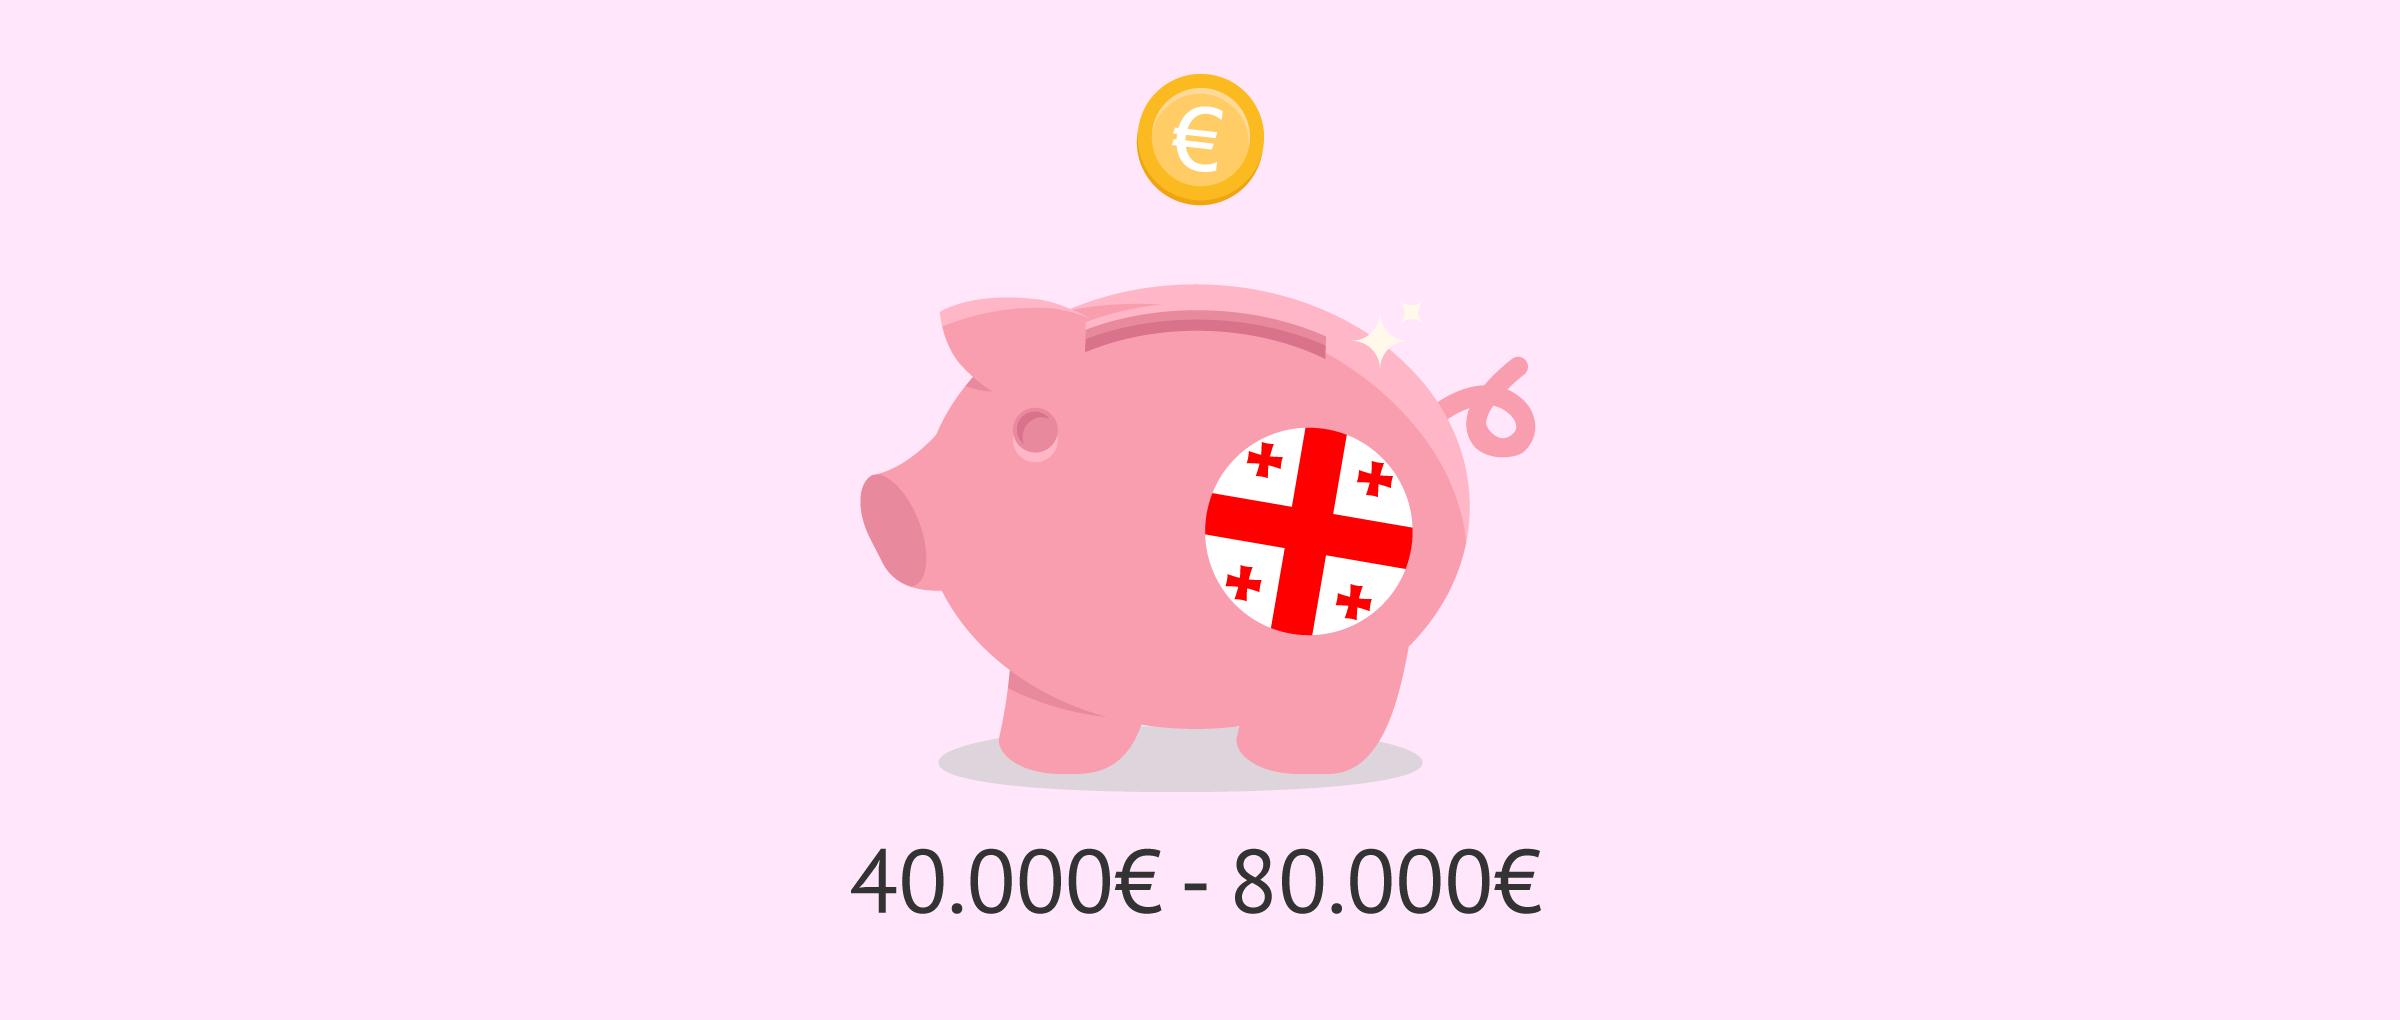 Kosten einer Leihmutterschaft in Georgien